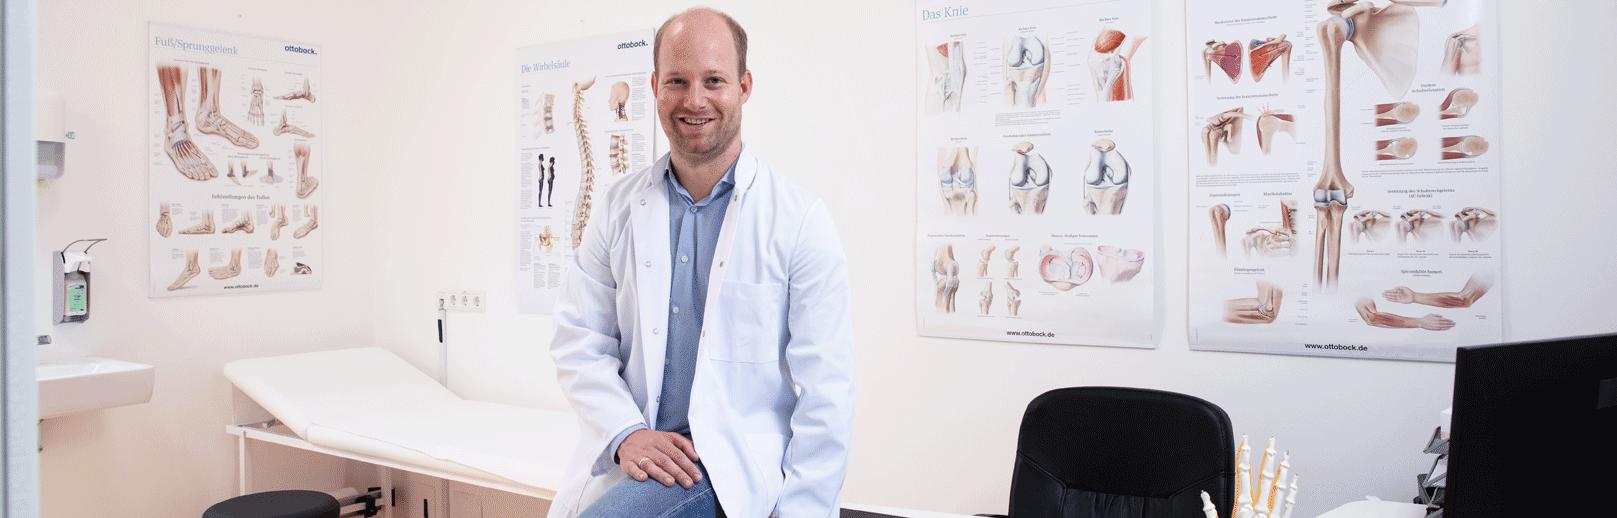 georg stiendl facharzt für urologie